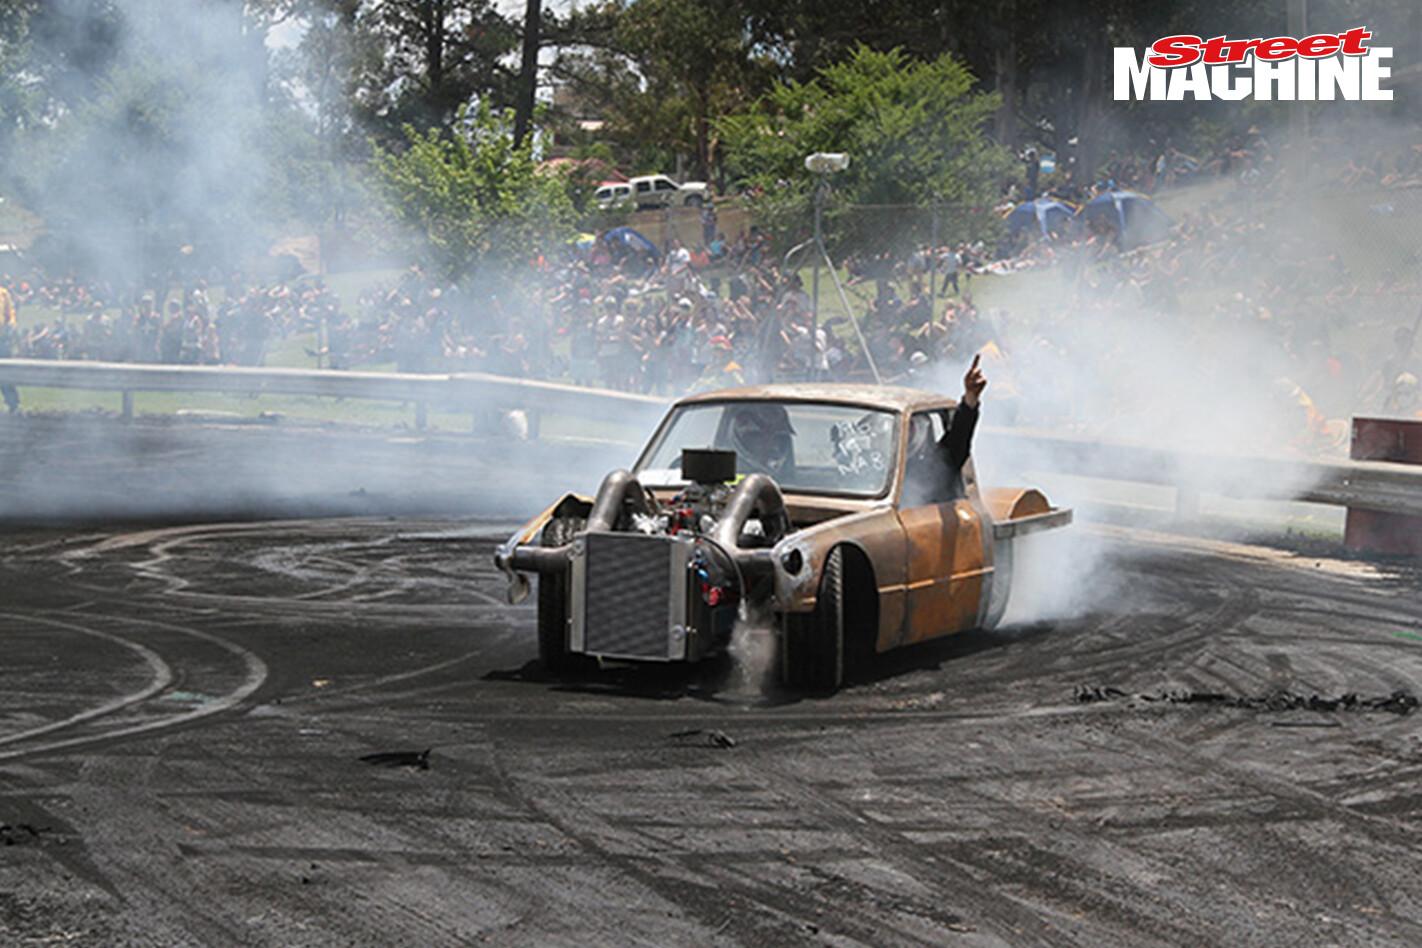 SUSLS1 Mazda Ute Burnout 6 Nw